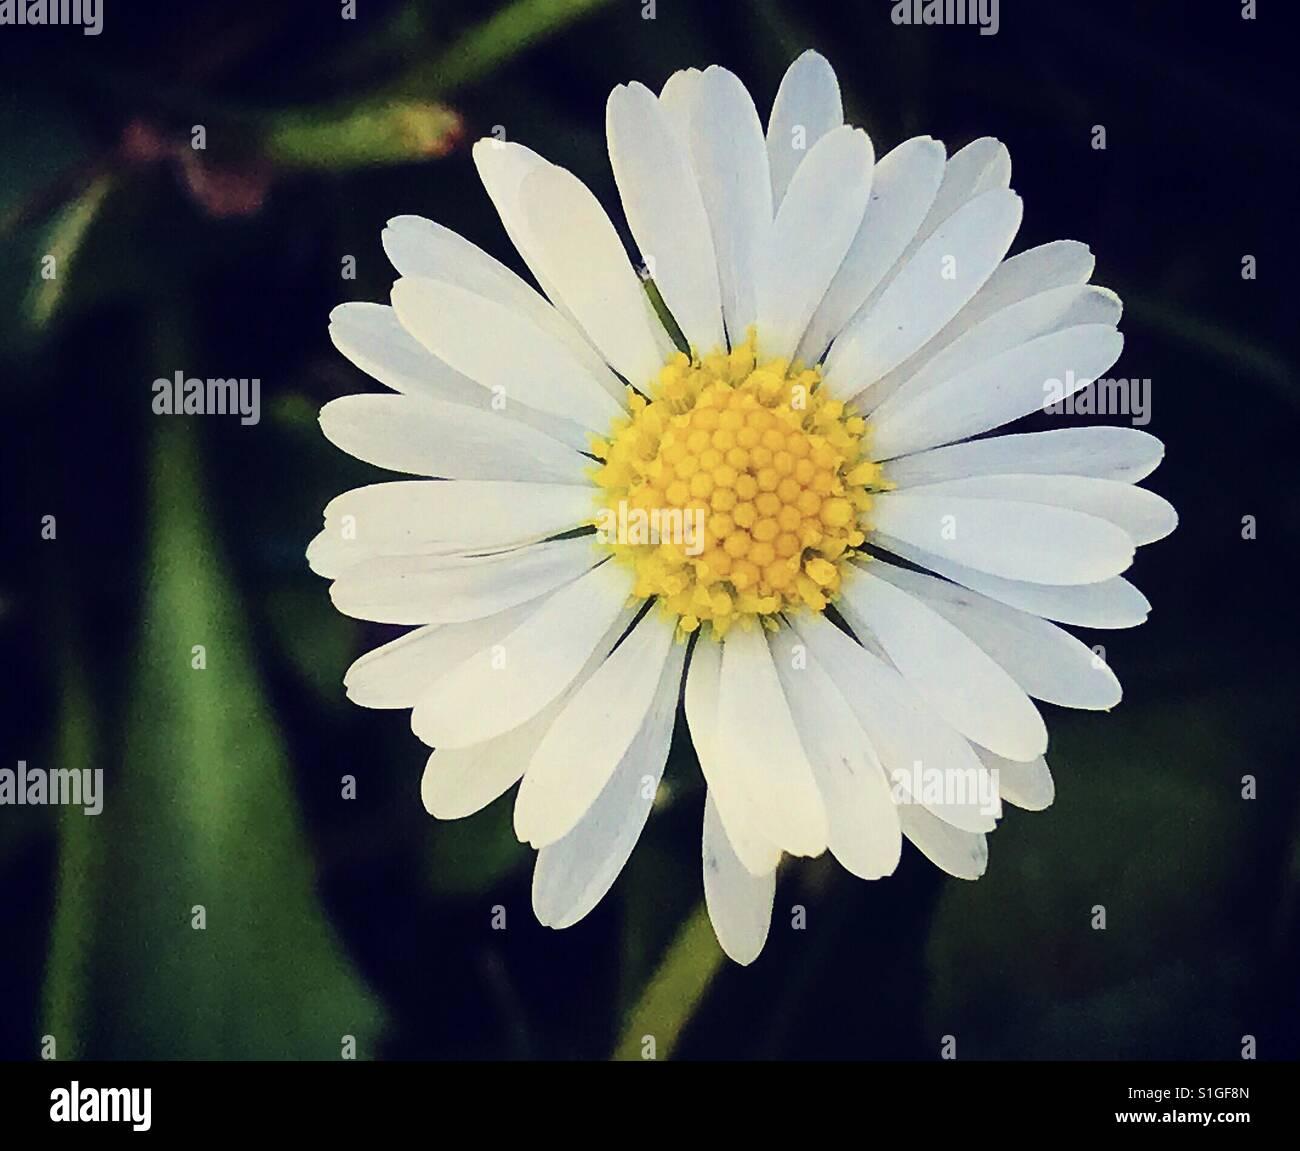 White flower with yellow center on dark background stock photo white flower with yellow center on dark background mightylinksfo Images